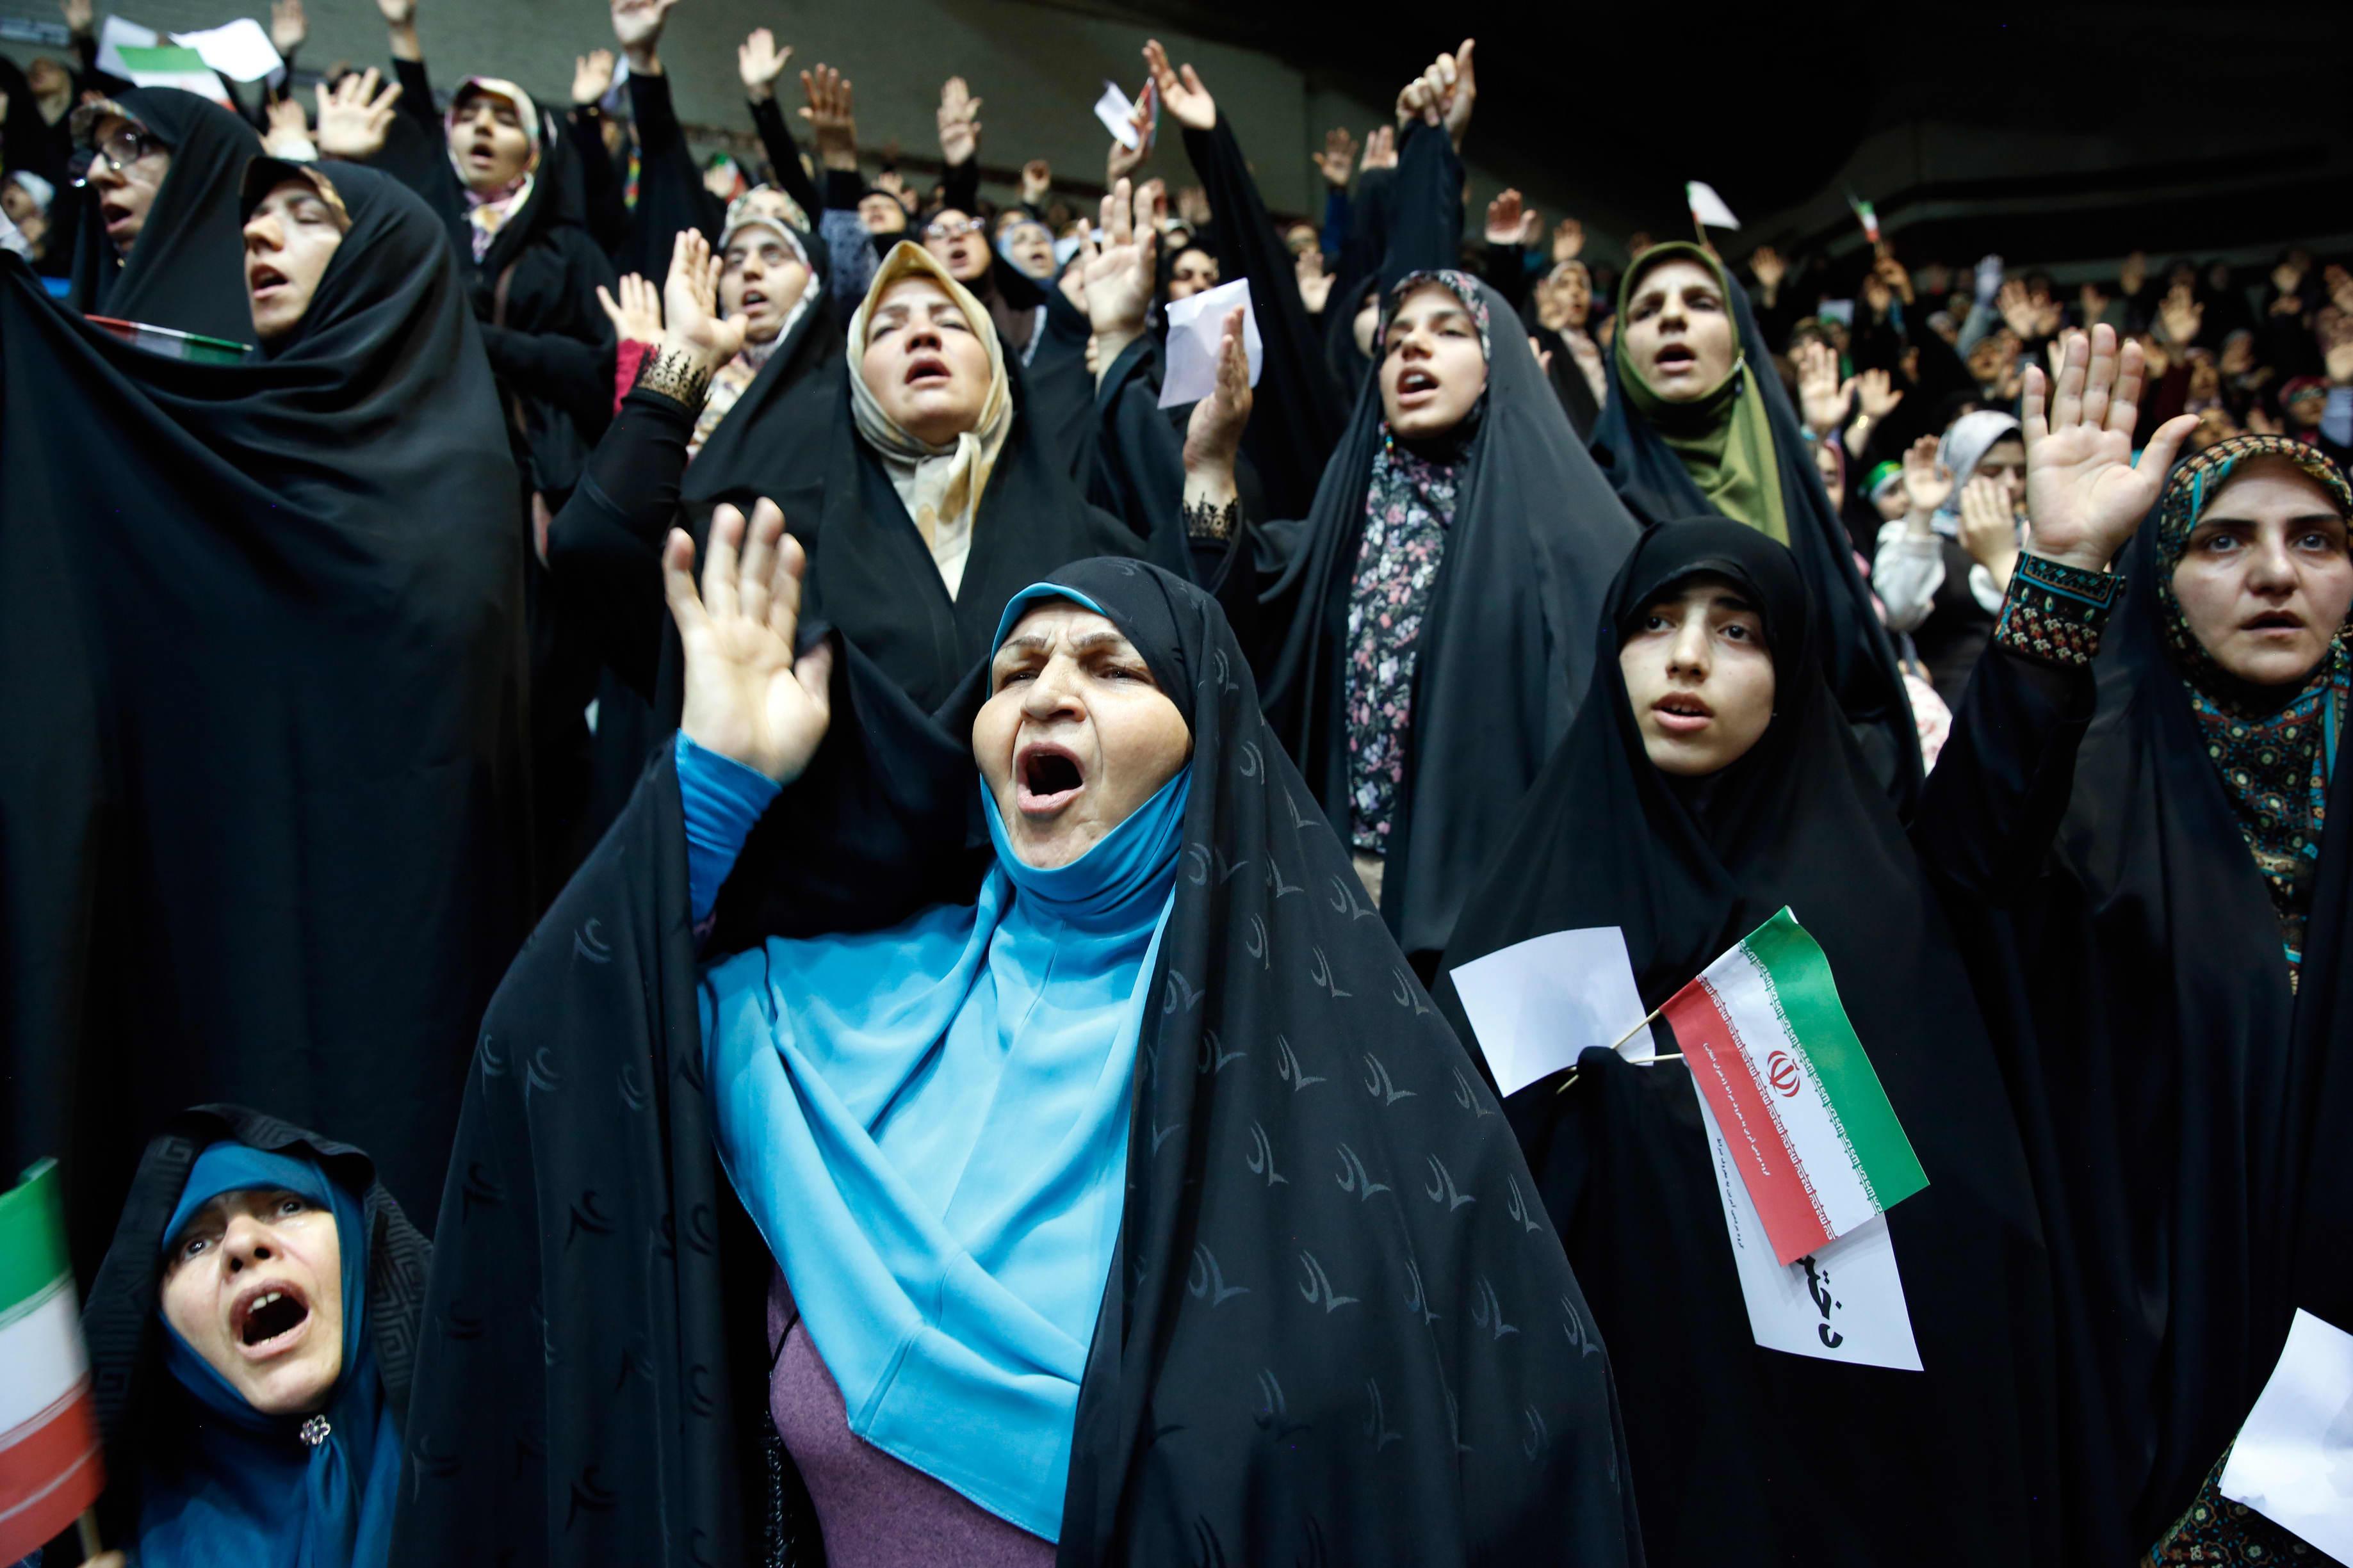 Naiset osallistuivat islamistista pukukoodia tukevaan seremoniaan Iranin pääkaupungissa Teheranissa  11. heinäkuuta 2019.